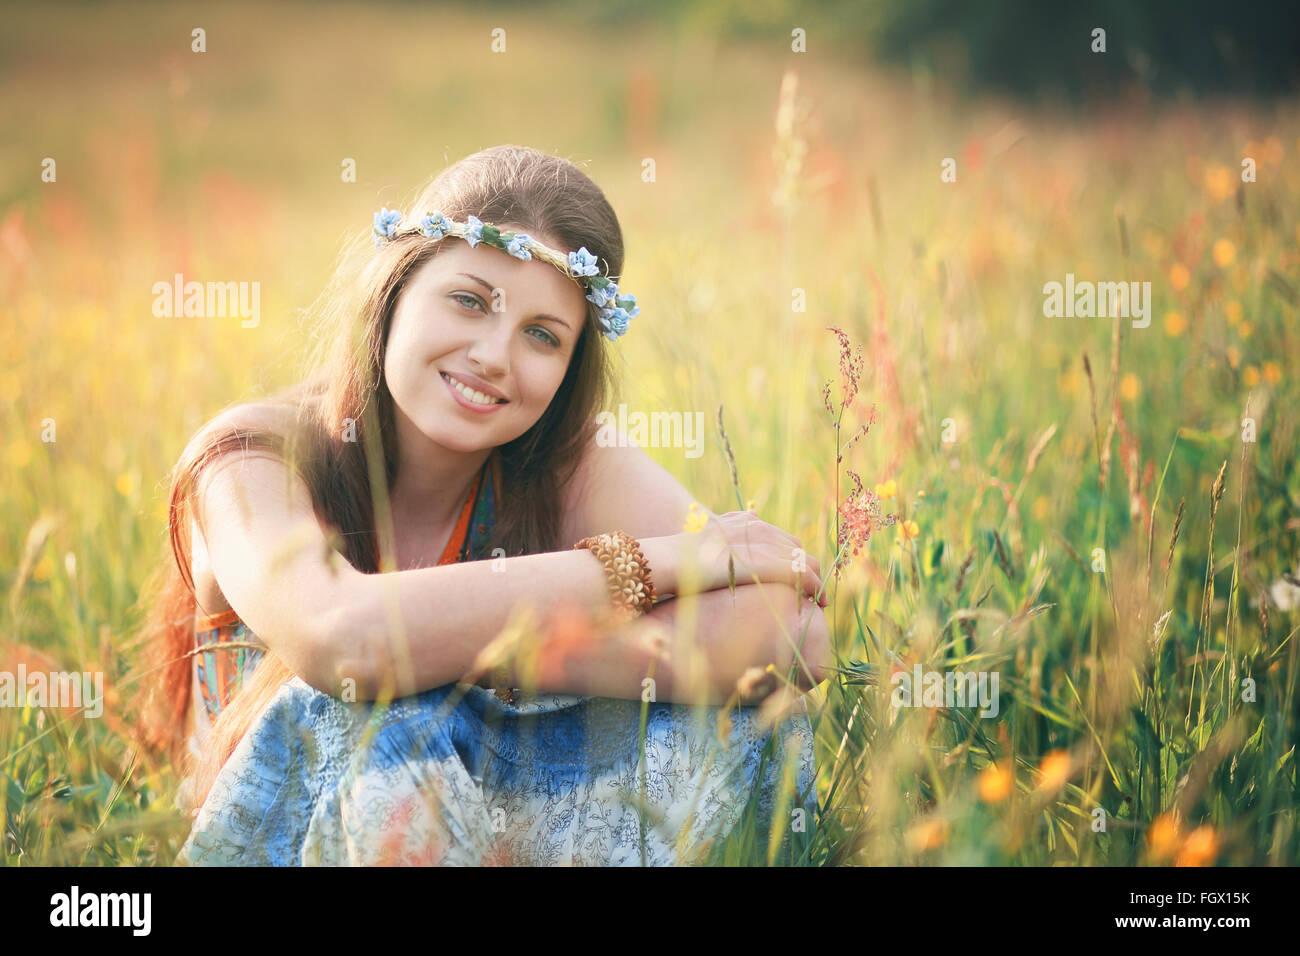 Sonriente mujer romántica en campo de flores . Vestido de hippie y gitano Imagen De Stock